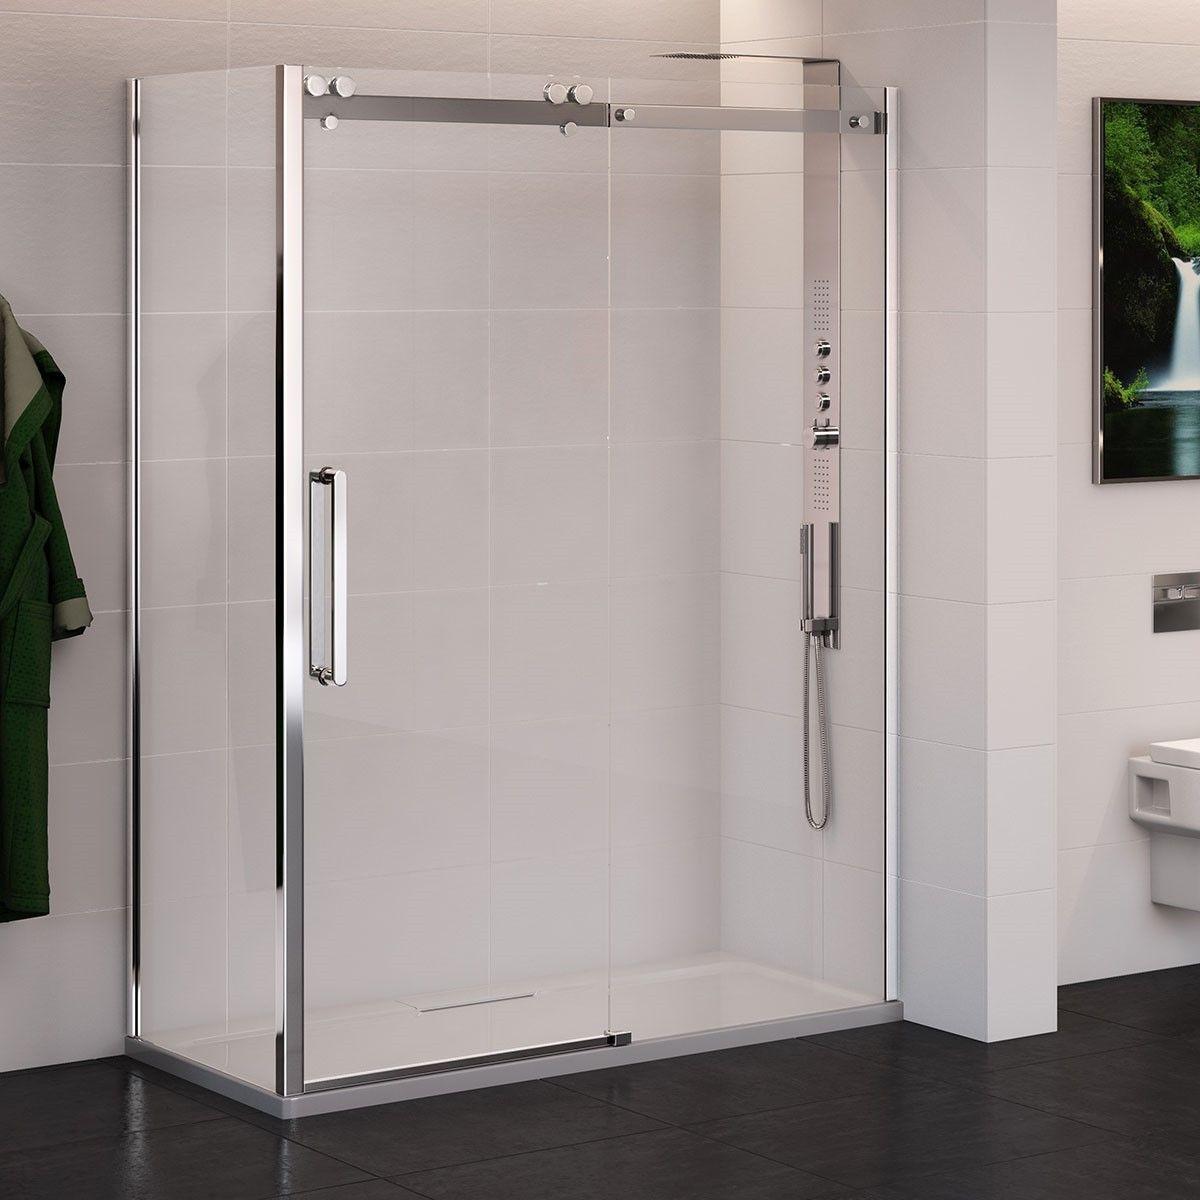 Trinity Premium 10mm 1600 X 800 Left Hand Sliding Door Enclosure Shower Enclosure Amazing Bathrooms Locker Storage